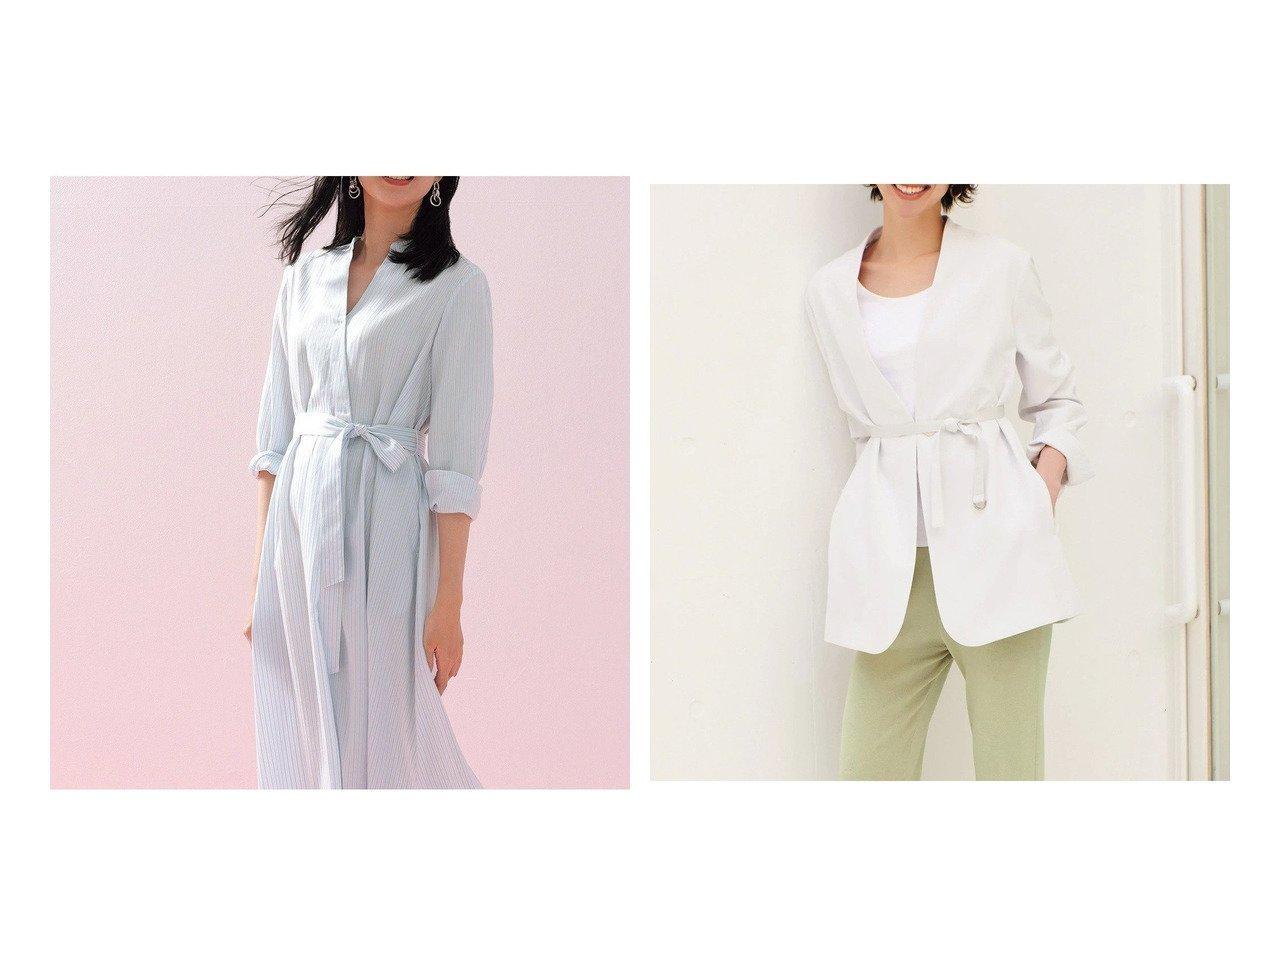 【DoCLASSE/ドゥクラッセ】のソフトクロス・カシュクールシャツワンピース&ダブルクロス・ドレーピージャケット 40代、50代の女性におすすめ!人気トレンド・ファッションの通販 おすすめで人気の流行・トレンド、ファッションの通販商品 メンズファッション・キッズファッション・インテリア・家具・レディースファッション・服の通販 founy(ファニー) https://founy.com/ ファッション Fashion レディースファッション WOMEN ワンピース Dress シャツワンピース Shirt Dresses アウター Coat Outerwear ジャケット Jackets とろみ カシュクール スタンド おすすめ Recommend ジャケット ダブル |ID:crp329100000028118